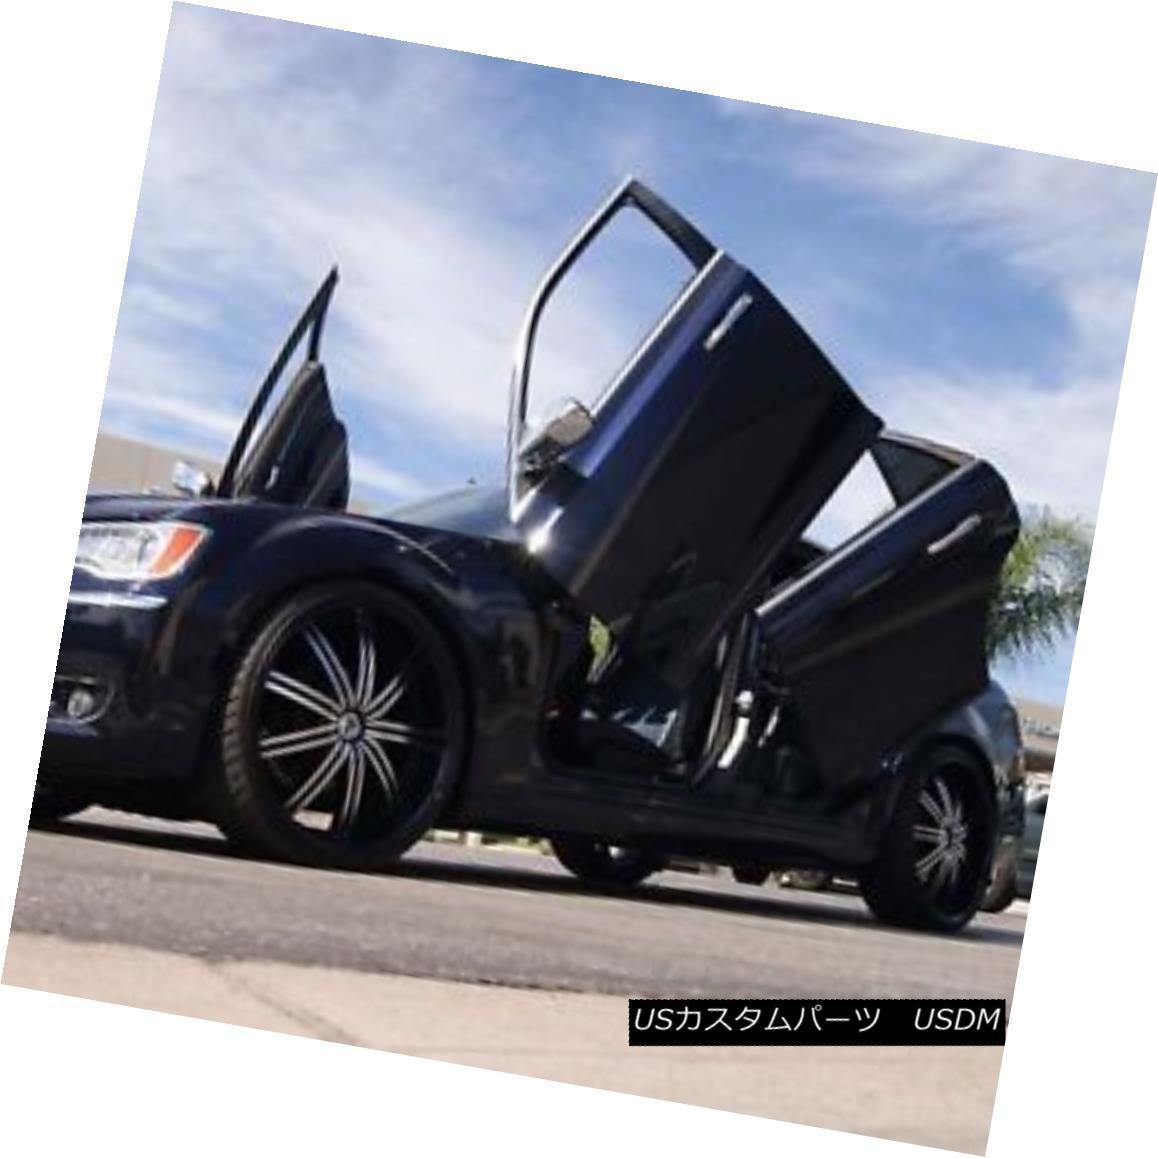 [宅送] ガルウィングキット VDI Chrysler Door 300 Chrysler 2011-2014 USA Rear Door Bolt-On Vertical Lambo Doors 300c USA made VDI Chrysler 300 2011-2014リアドアボルトオン垂直Lamboドア300c USA製, 高浜市:9630f08e --- blacktieclassic.com.au